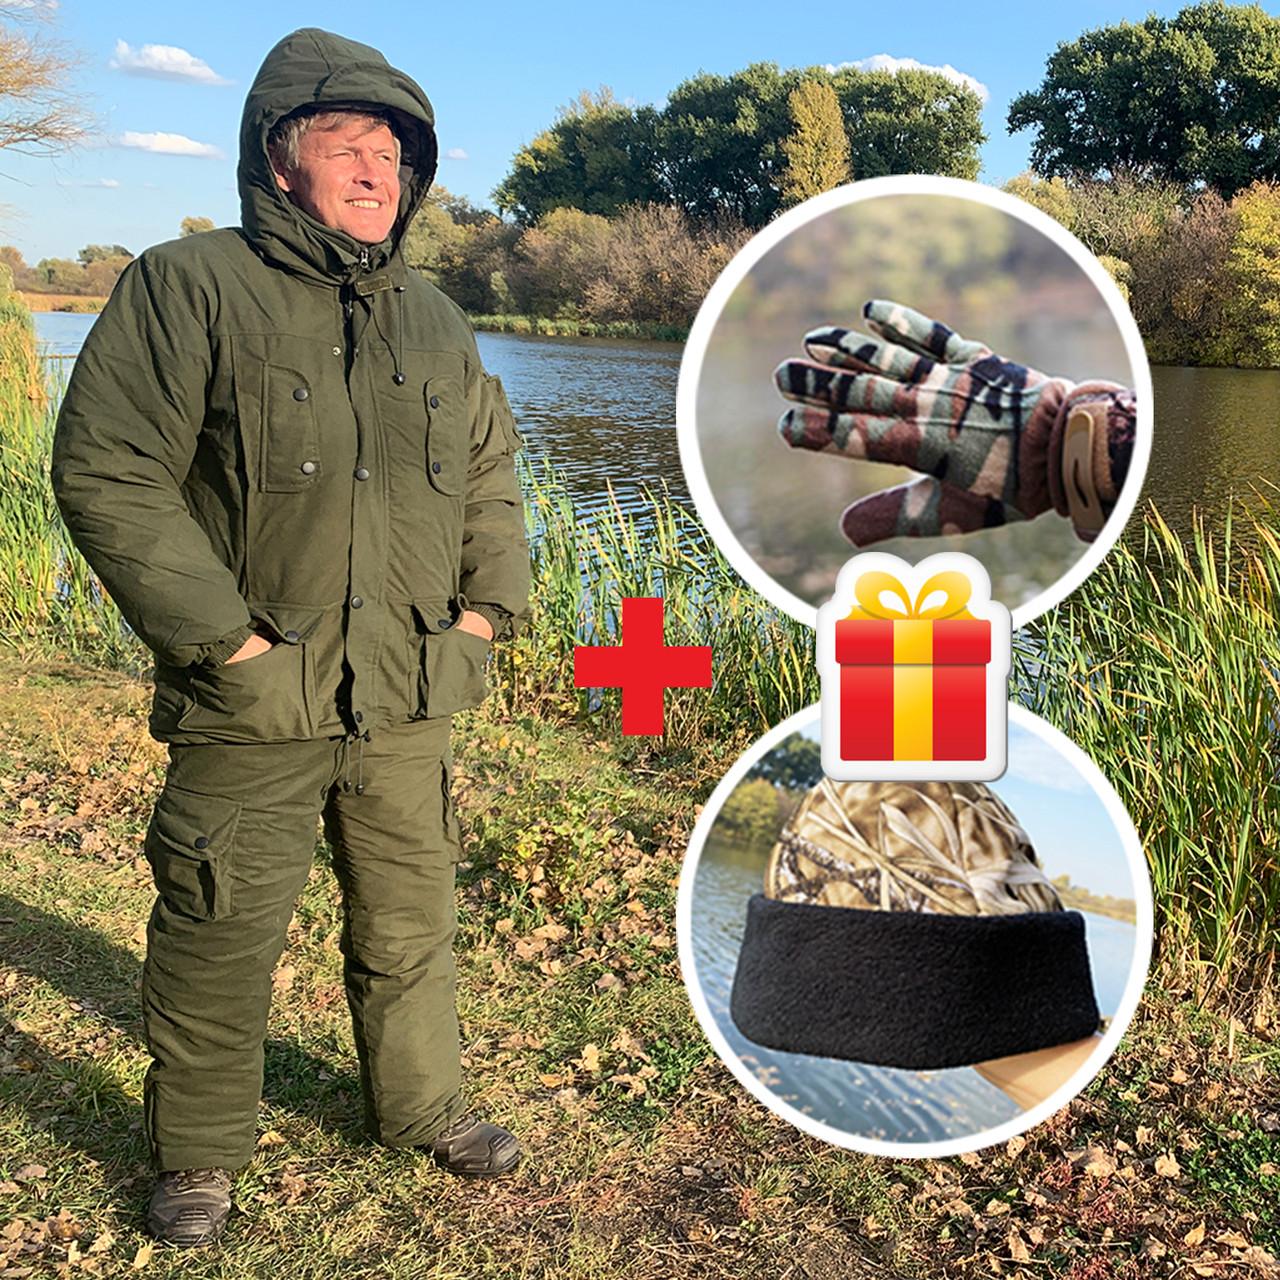 """Зимовий костюм до -40° """"Mavens Тайга"""" Олива, для риболовлі, полювання, роботи в холоді, розмір 48-50 (031-0027)"""